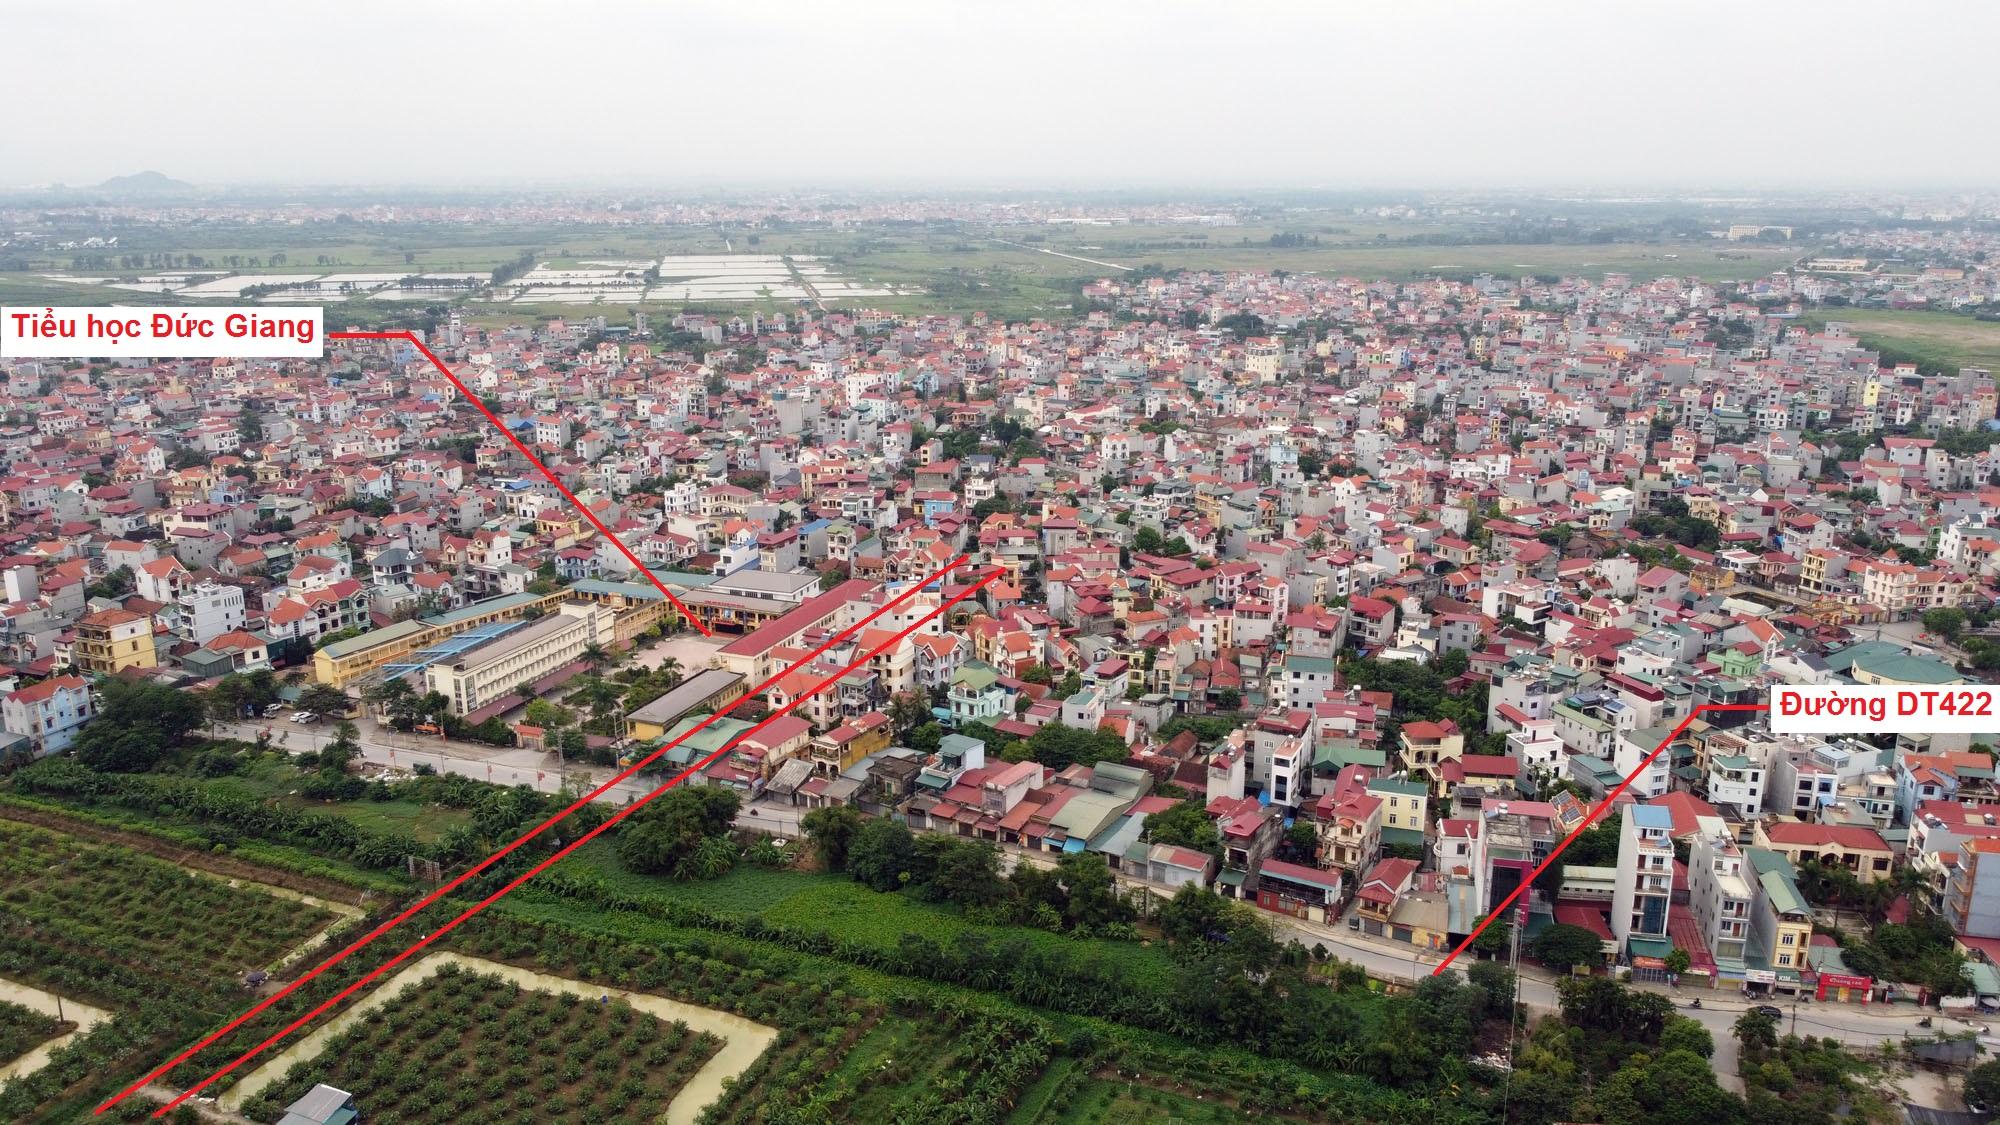 Ba đường sẽ mở theo quy hoạch ở xã Đức Giang, Hoài Đức, Hà Nội - Ảnh 10.